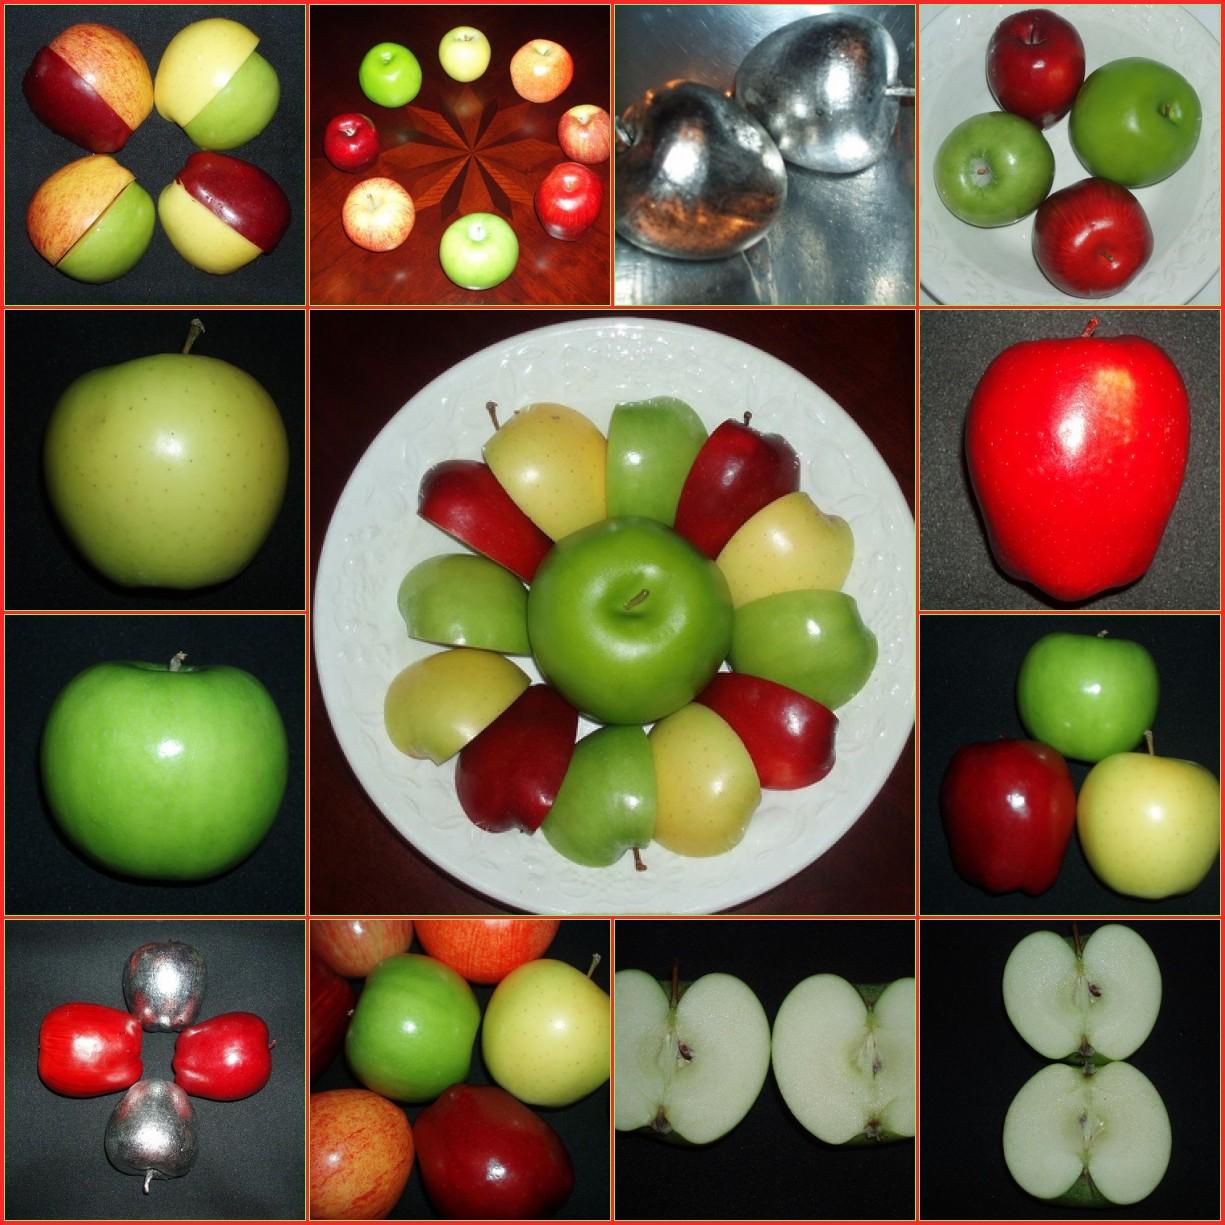 Sabah Baş Ağrısına Tuzlu Elma